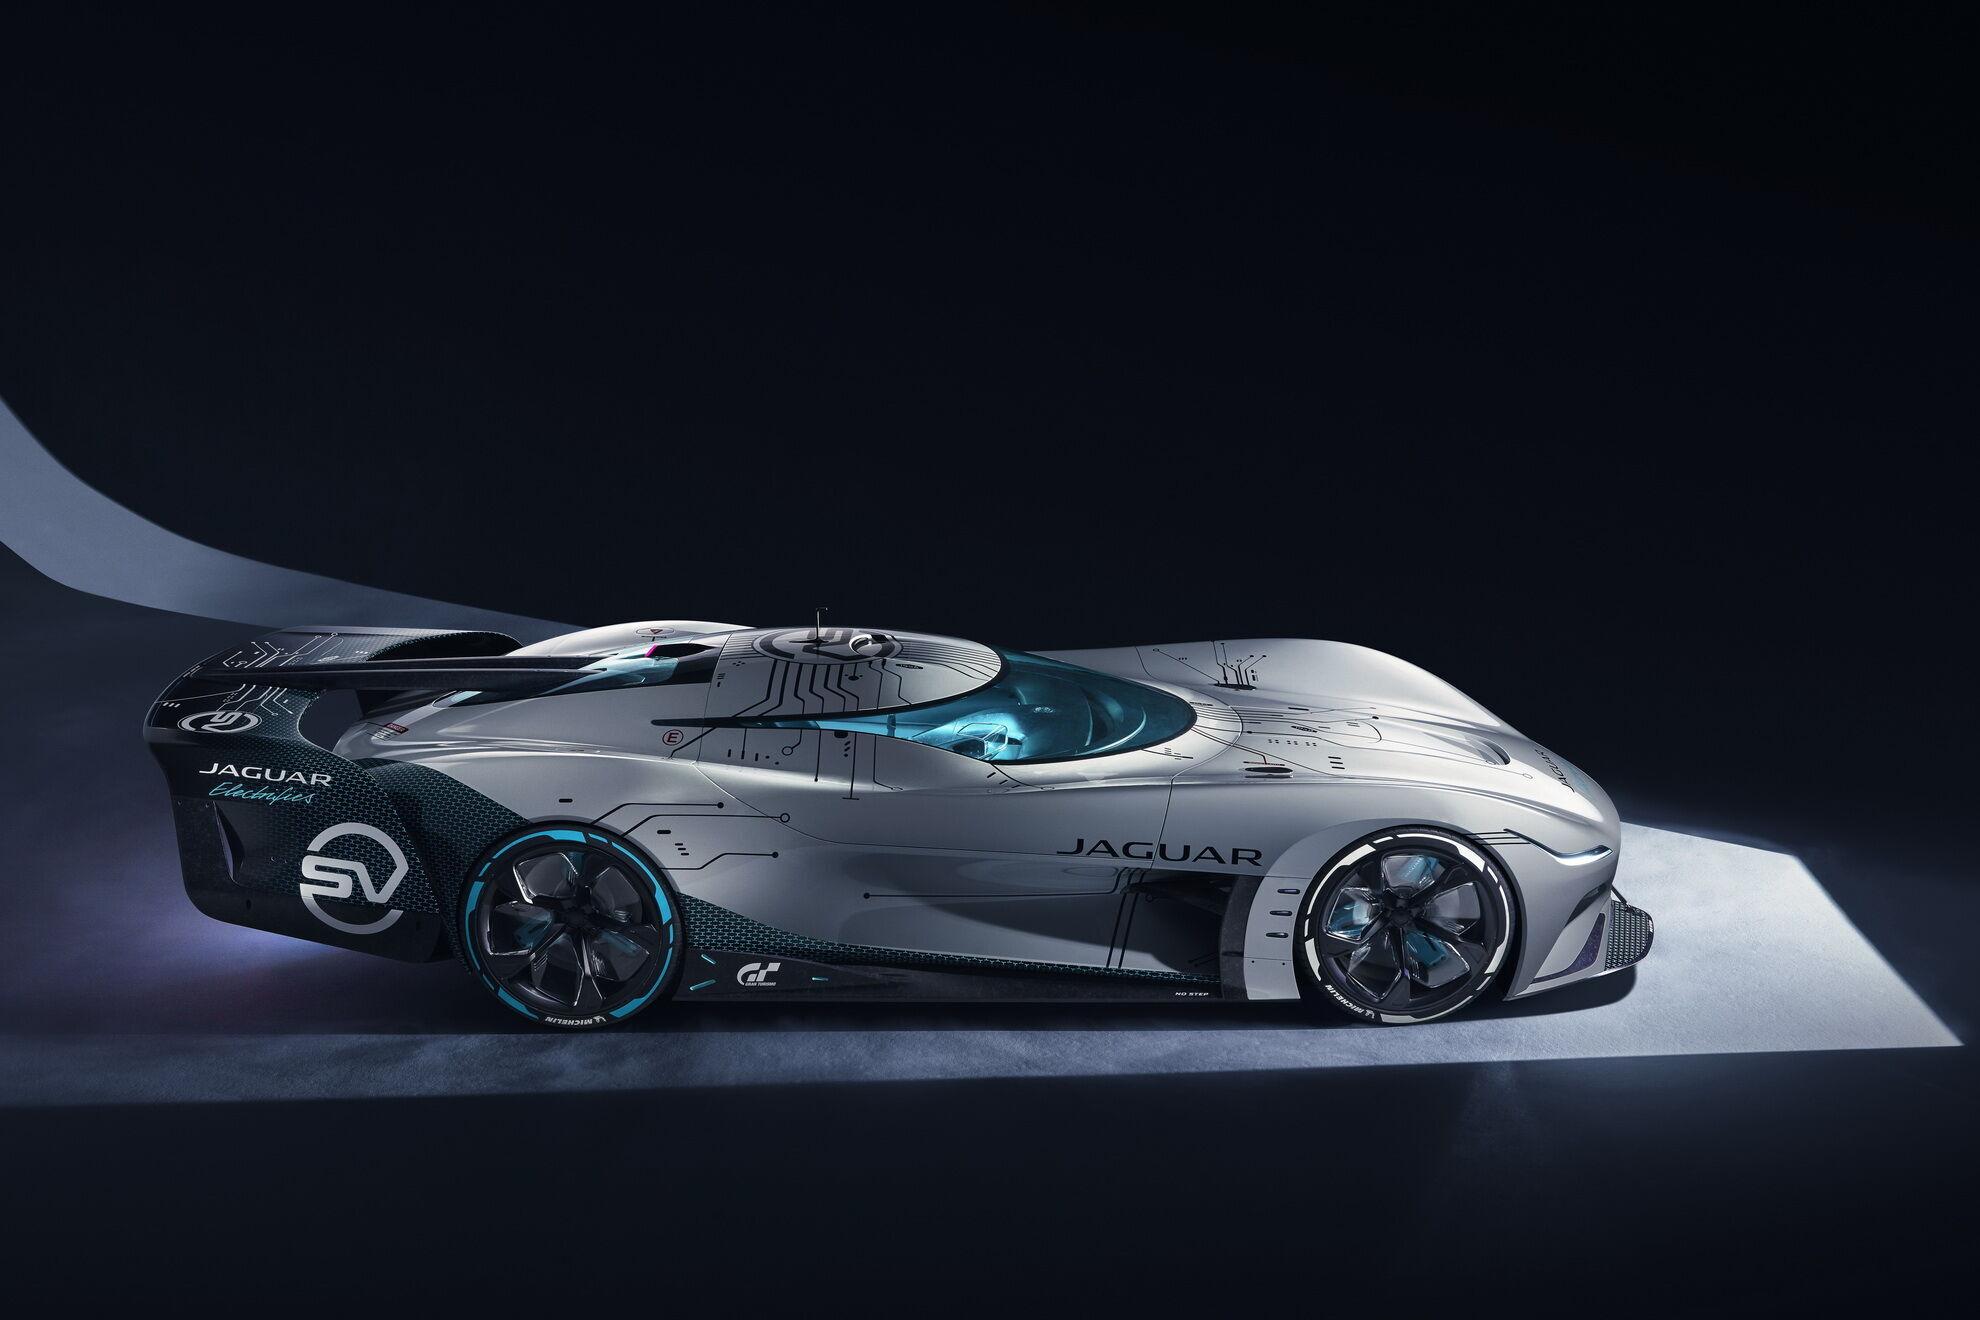 Автомобиль имеет привод на все колеса и систему векторизации тяги